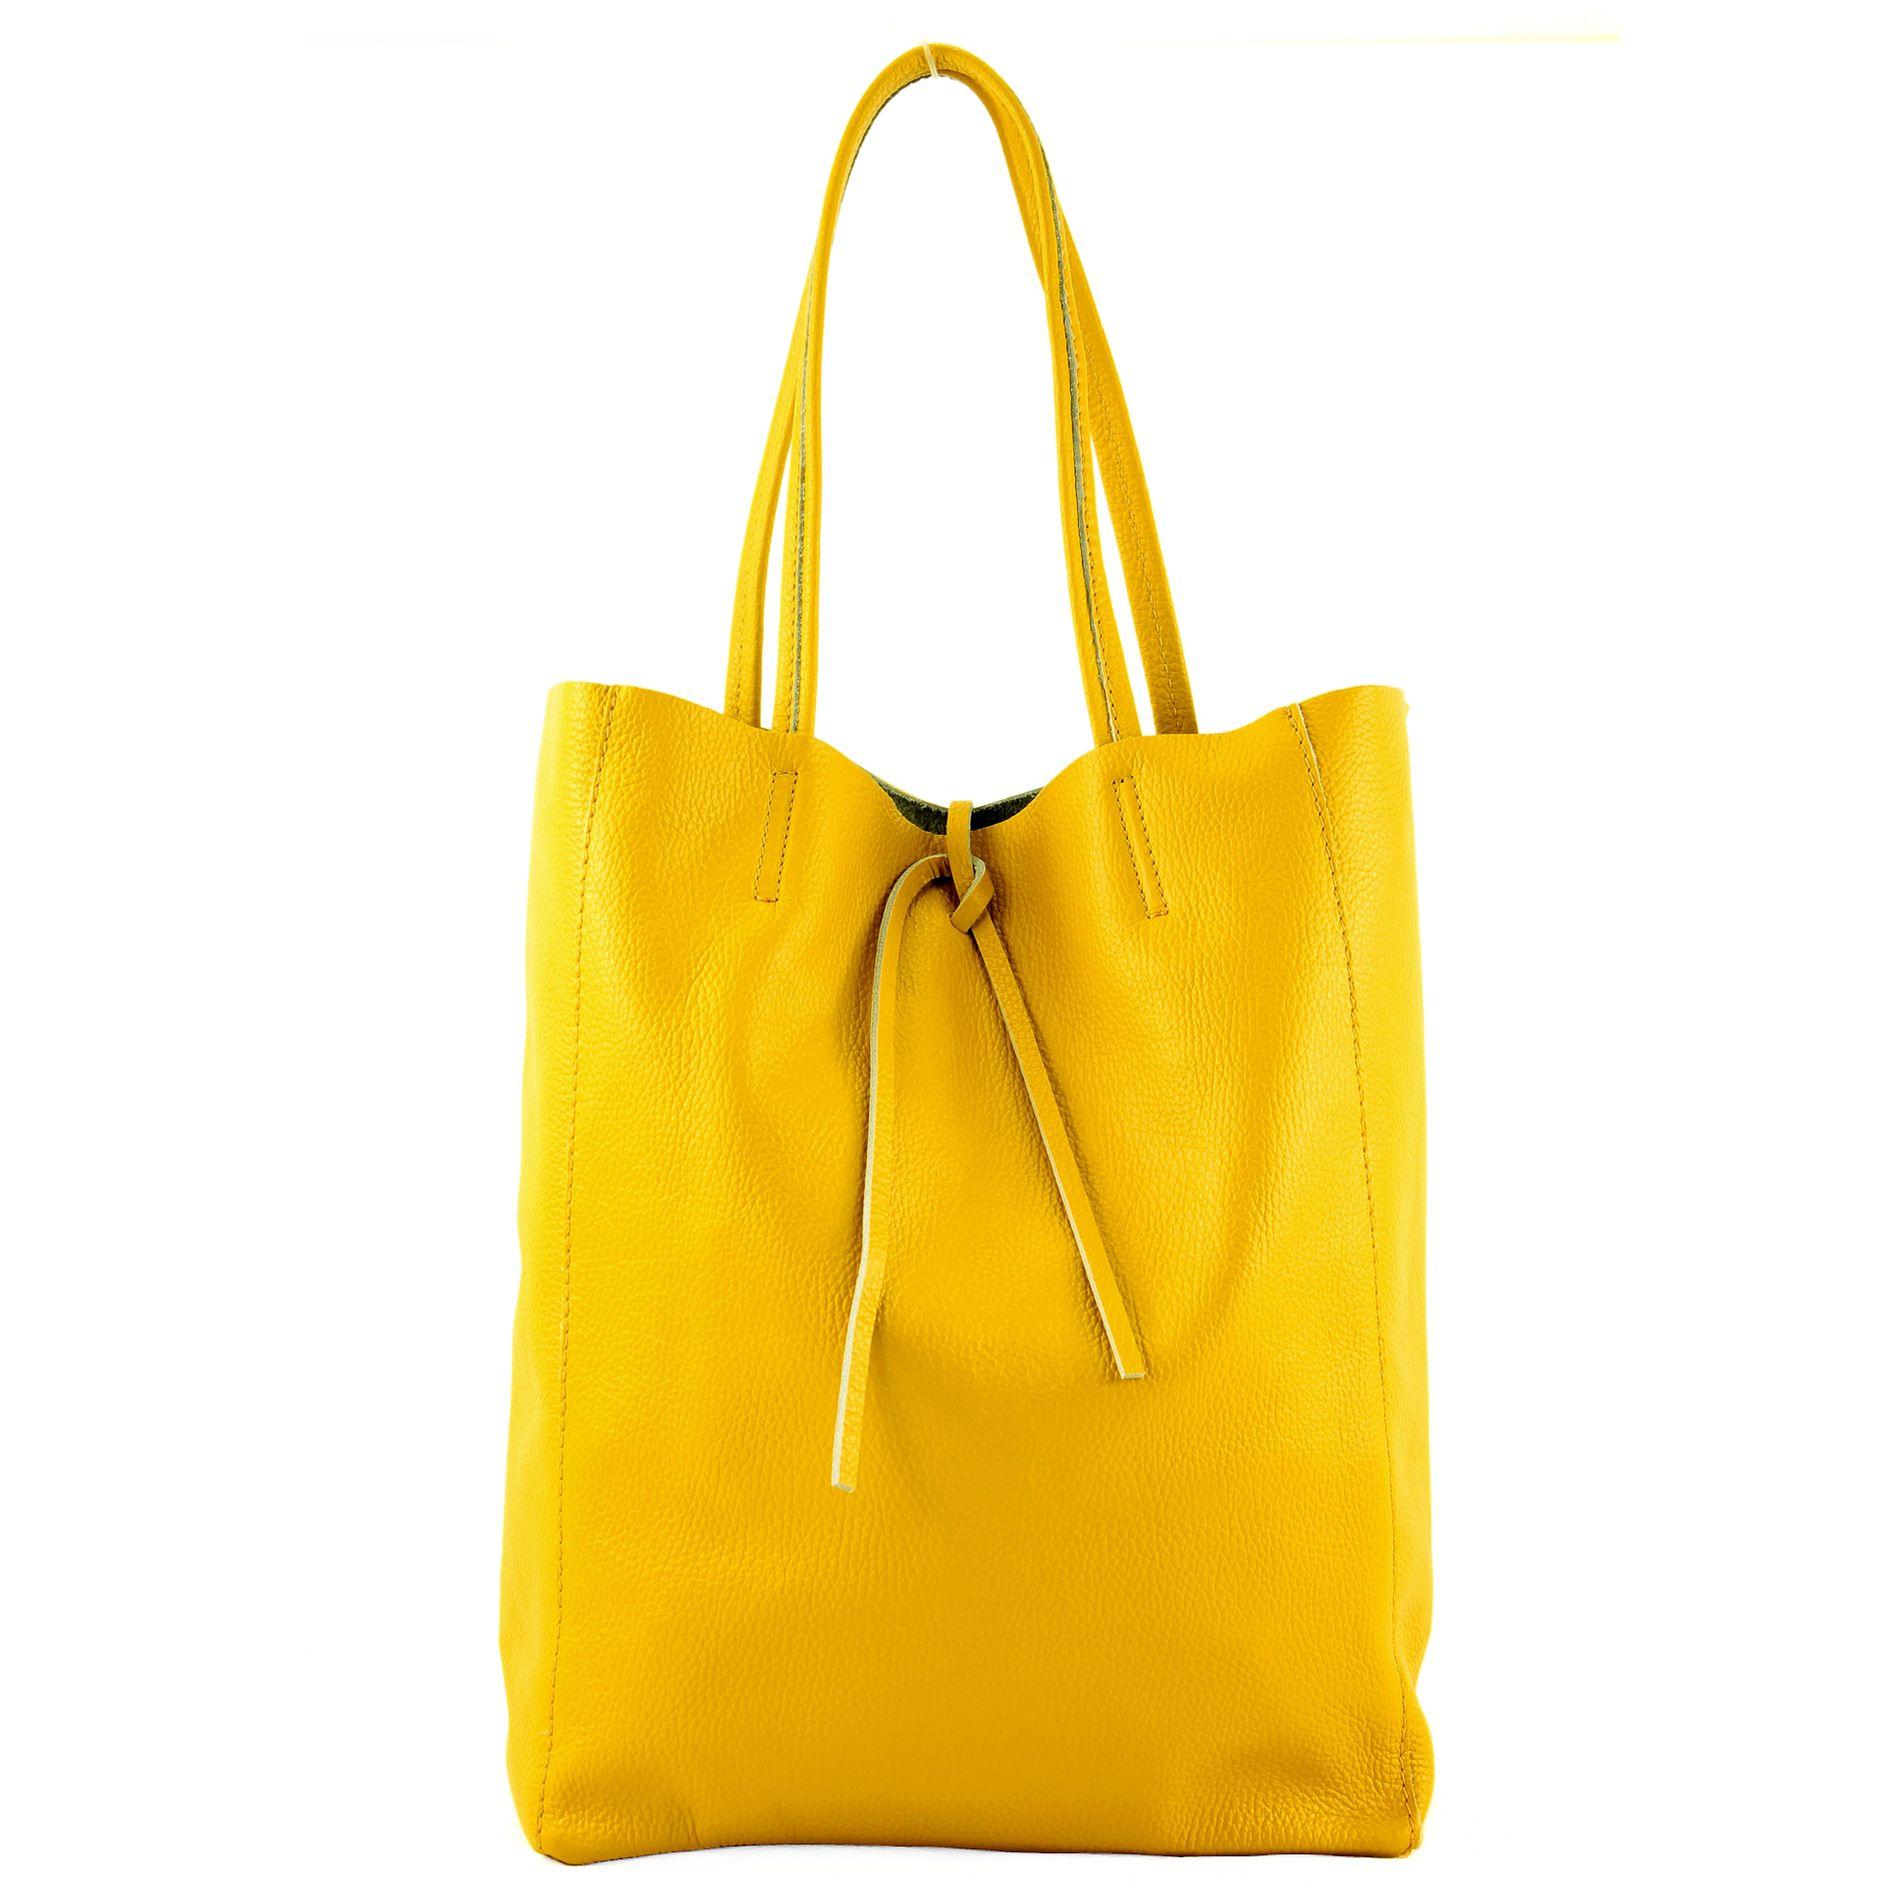 ital Leather bag Ladies bag Shopper bag Large shoulder bag leather T163 modamoda de